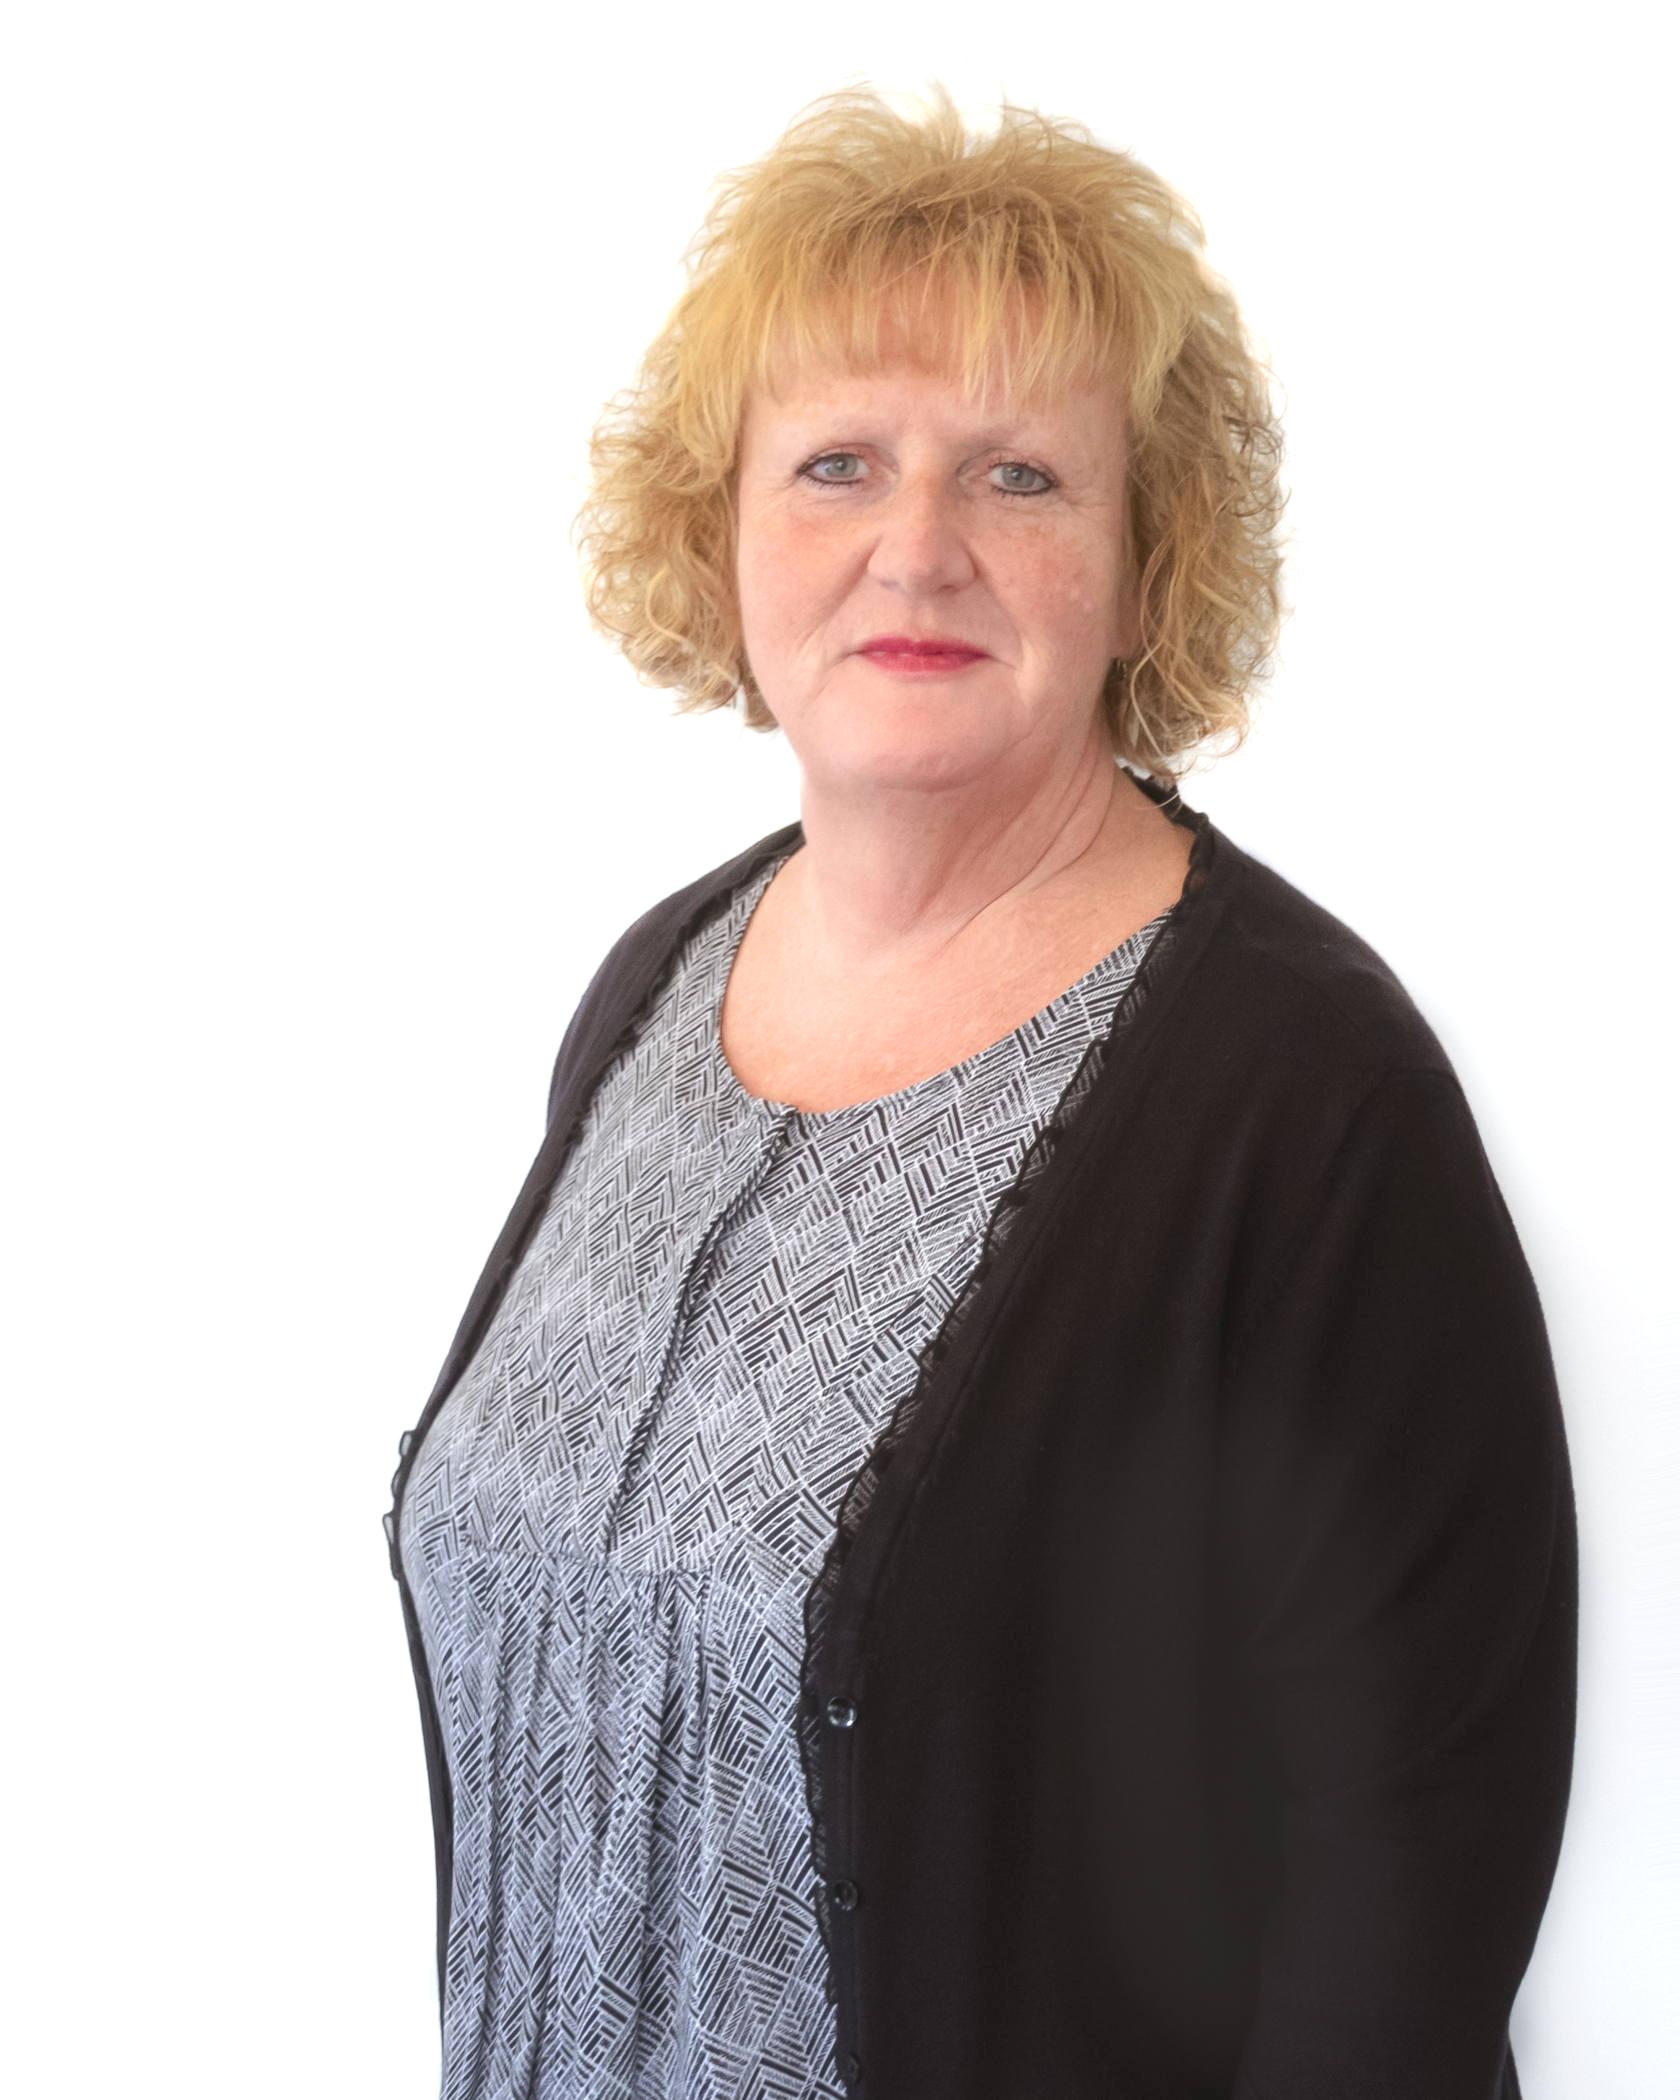 Wendy Wilkinson-Martin